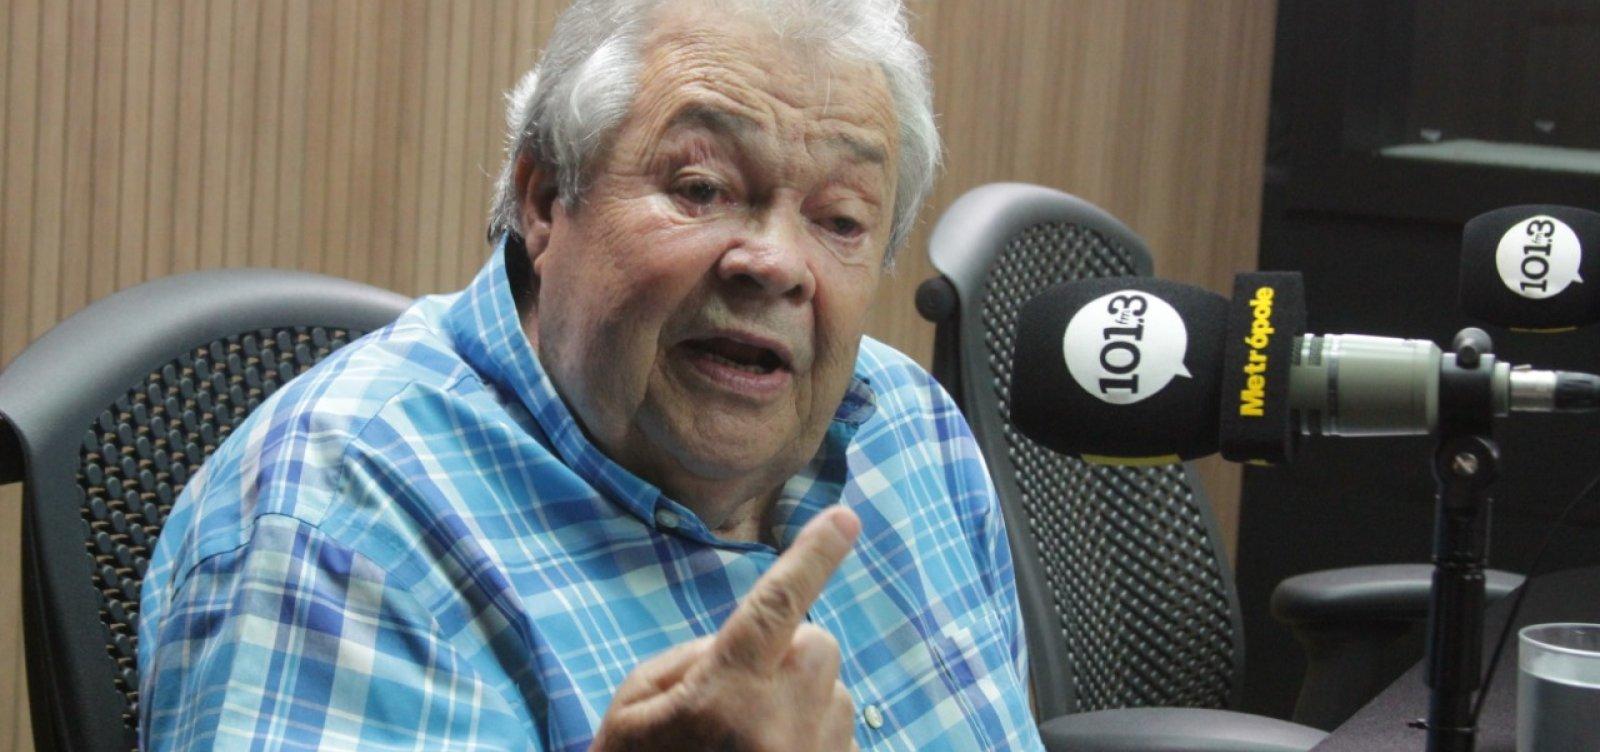 Em entrevista a MK, Murilo Leite lembra histórias do passado e avalia governantes atuais